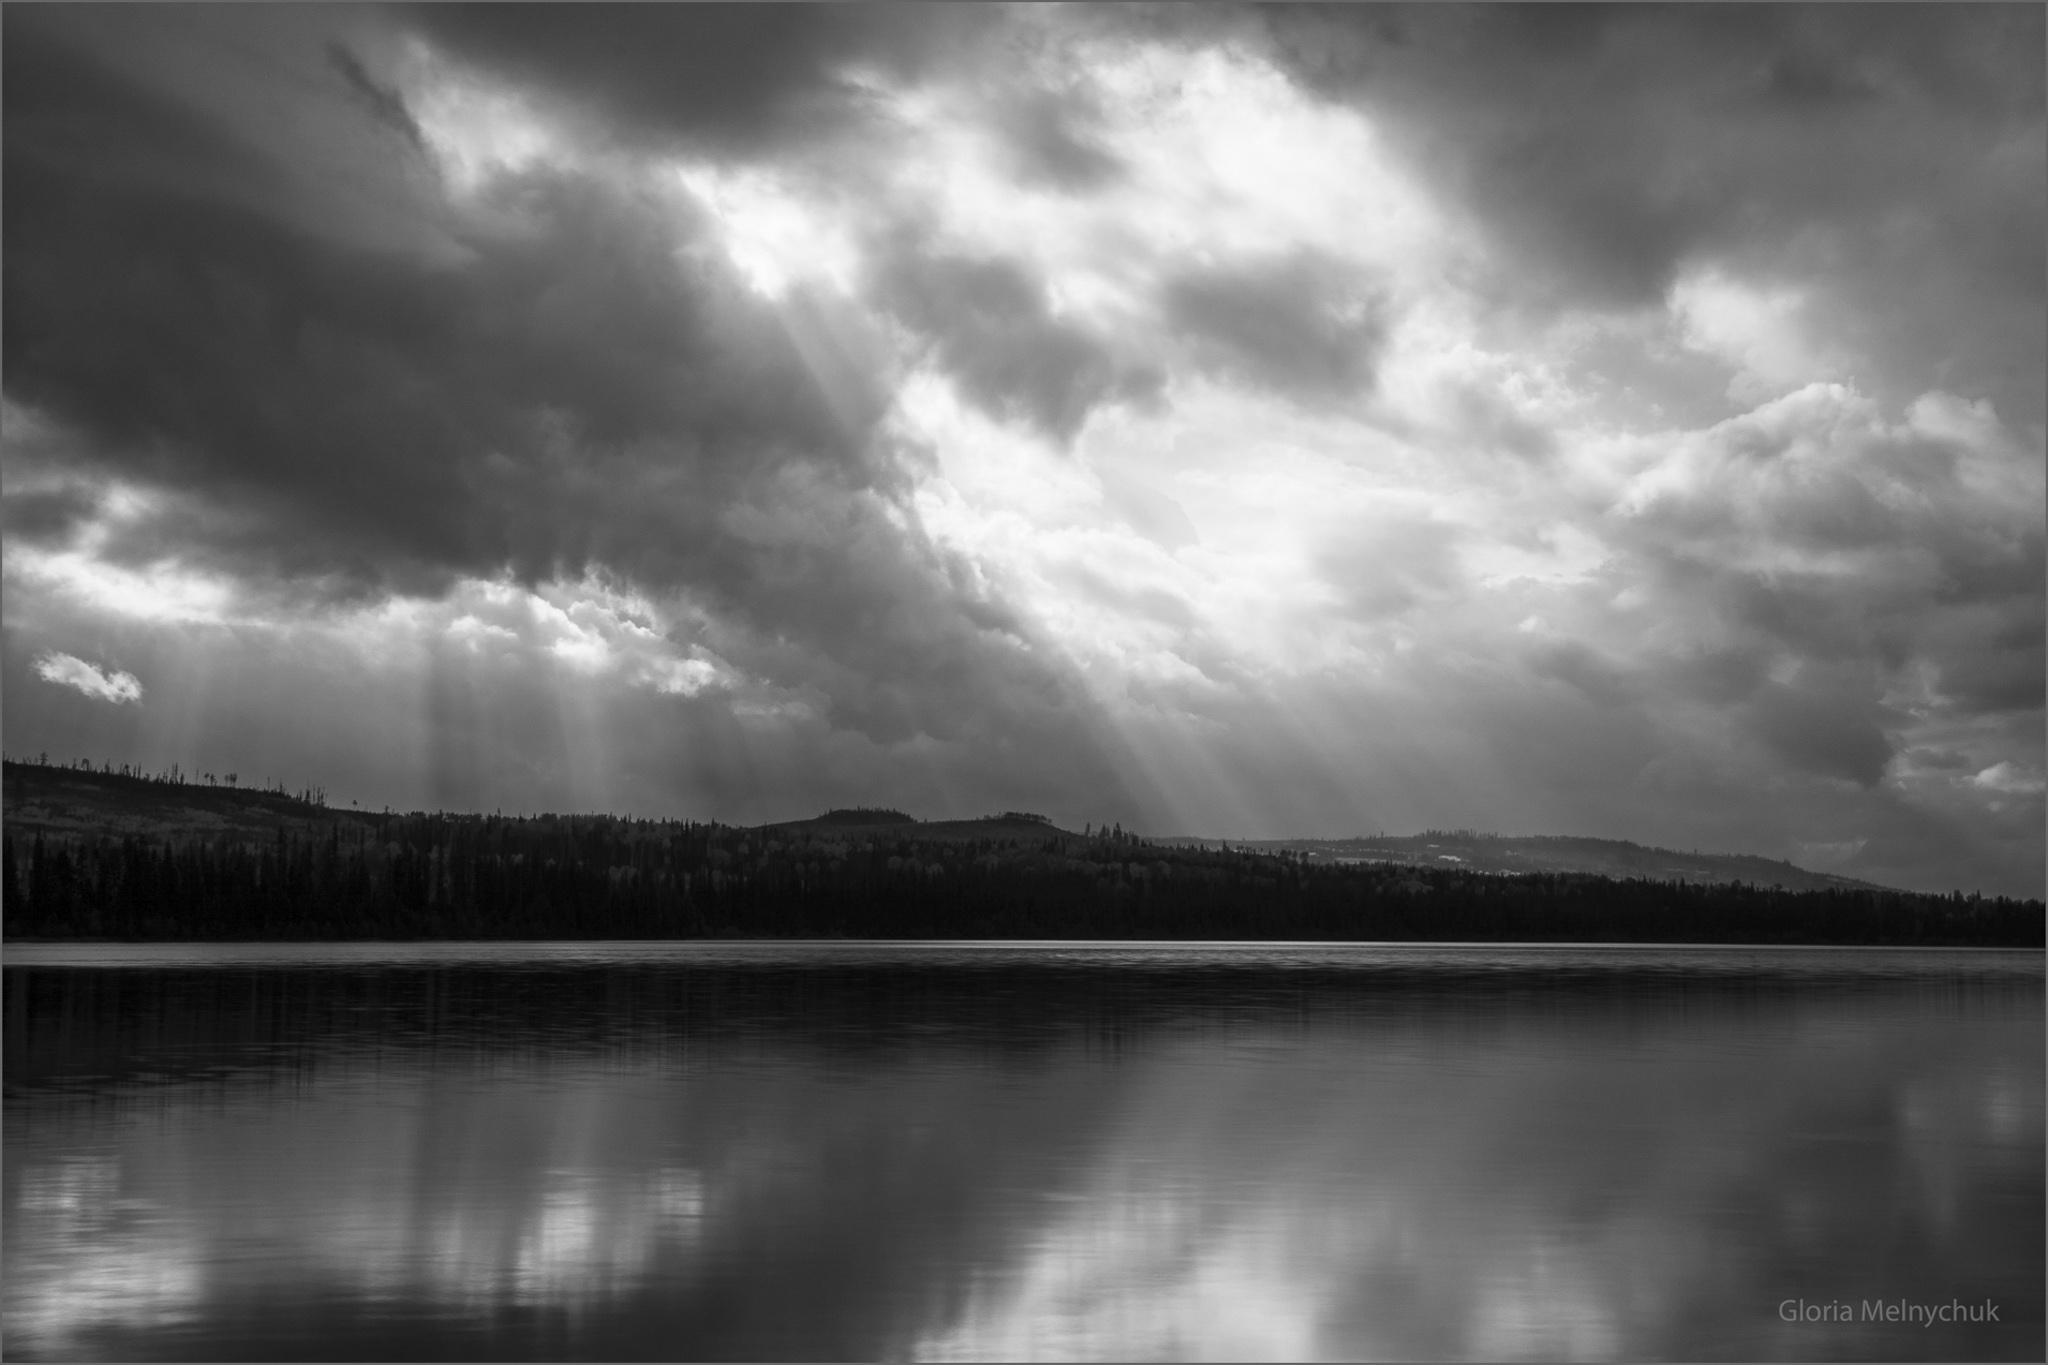 Storms Never Last - Gloria Melnychuk